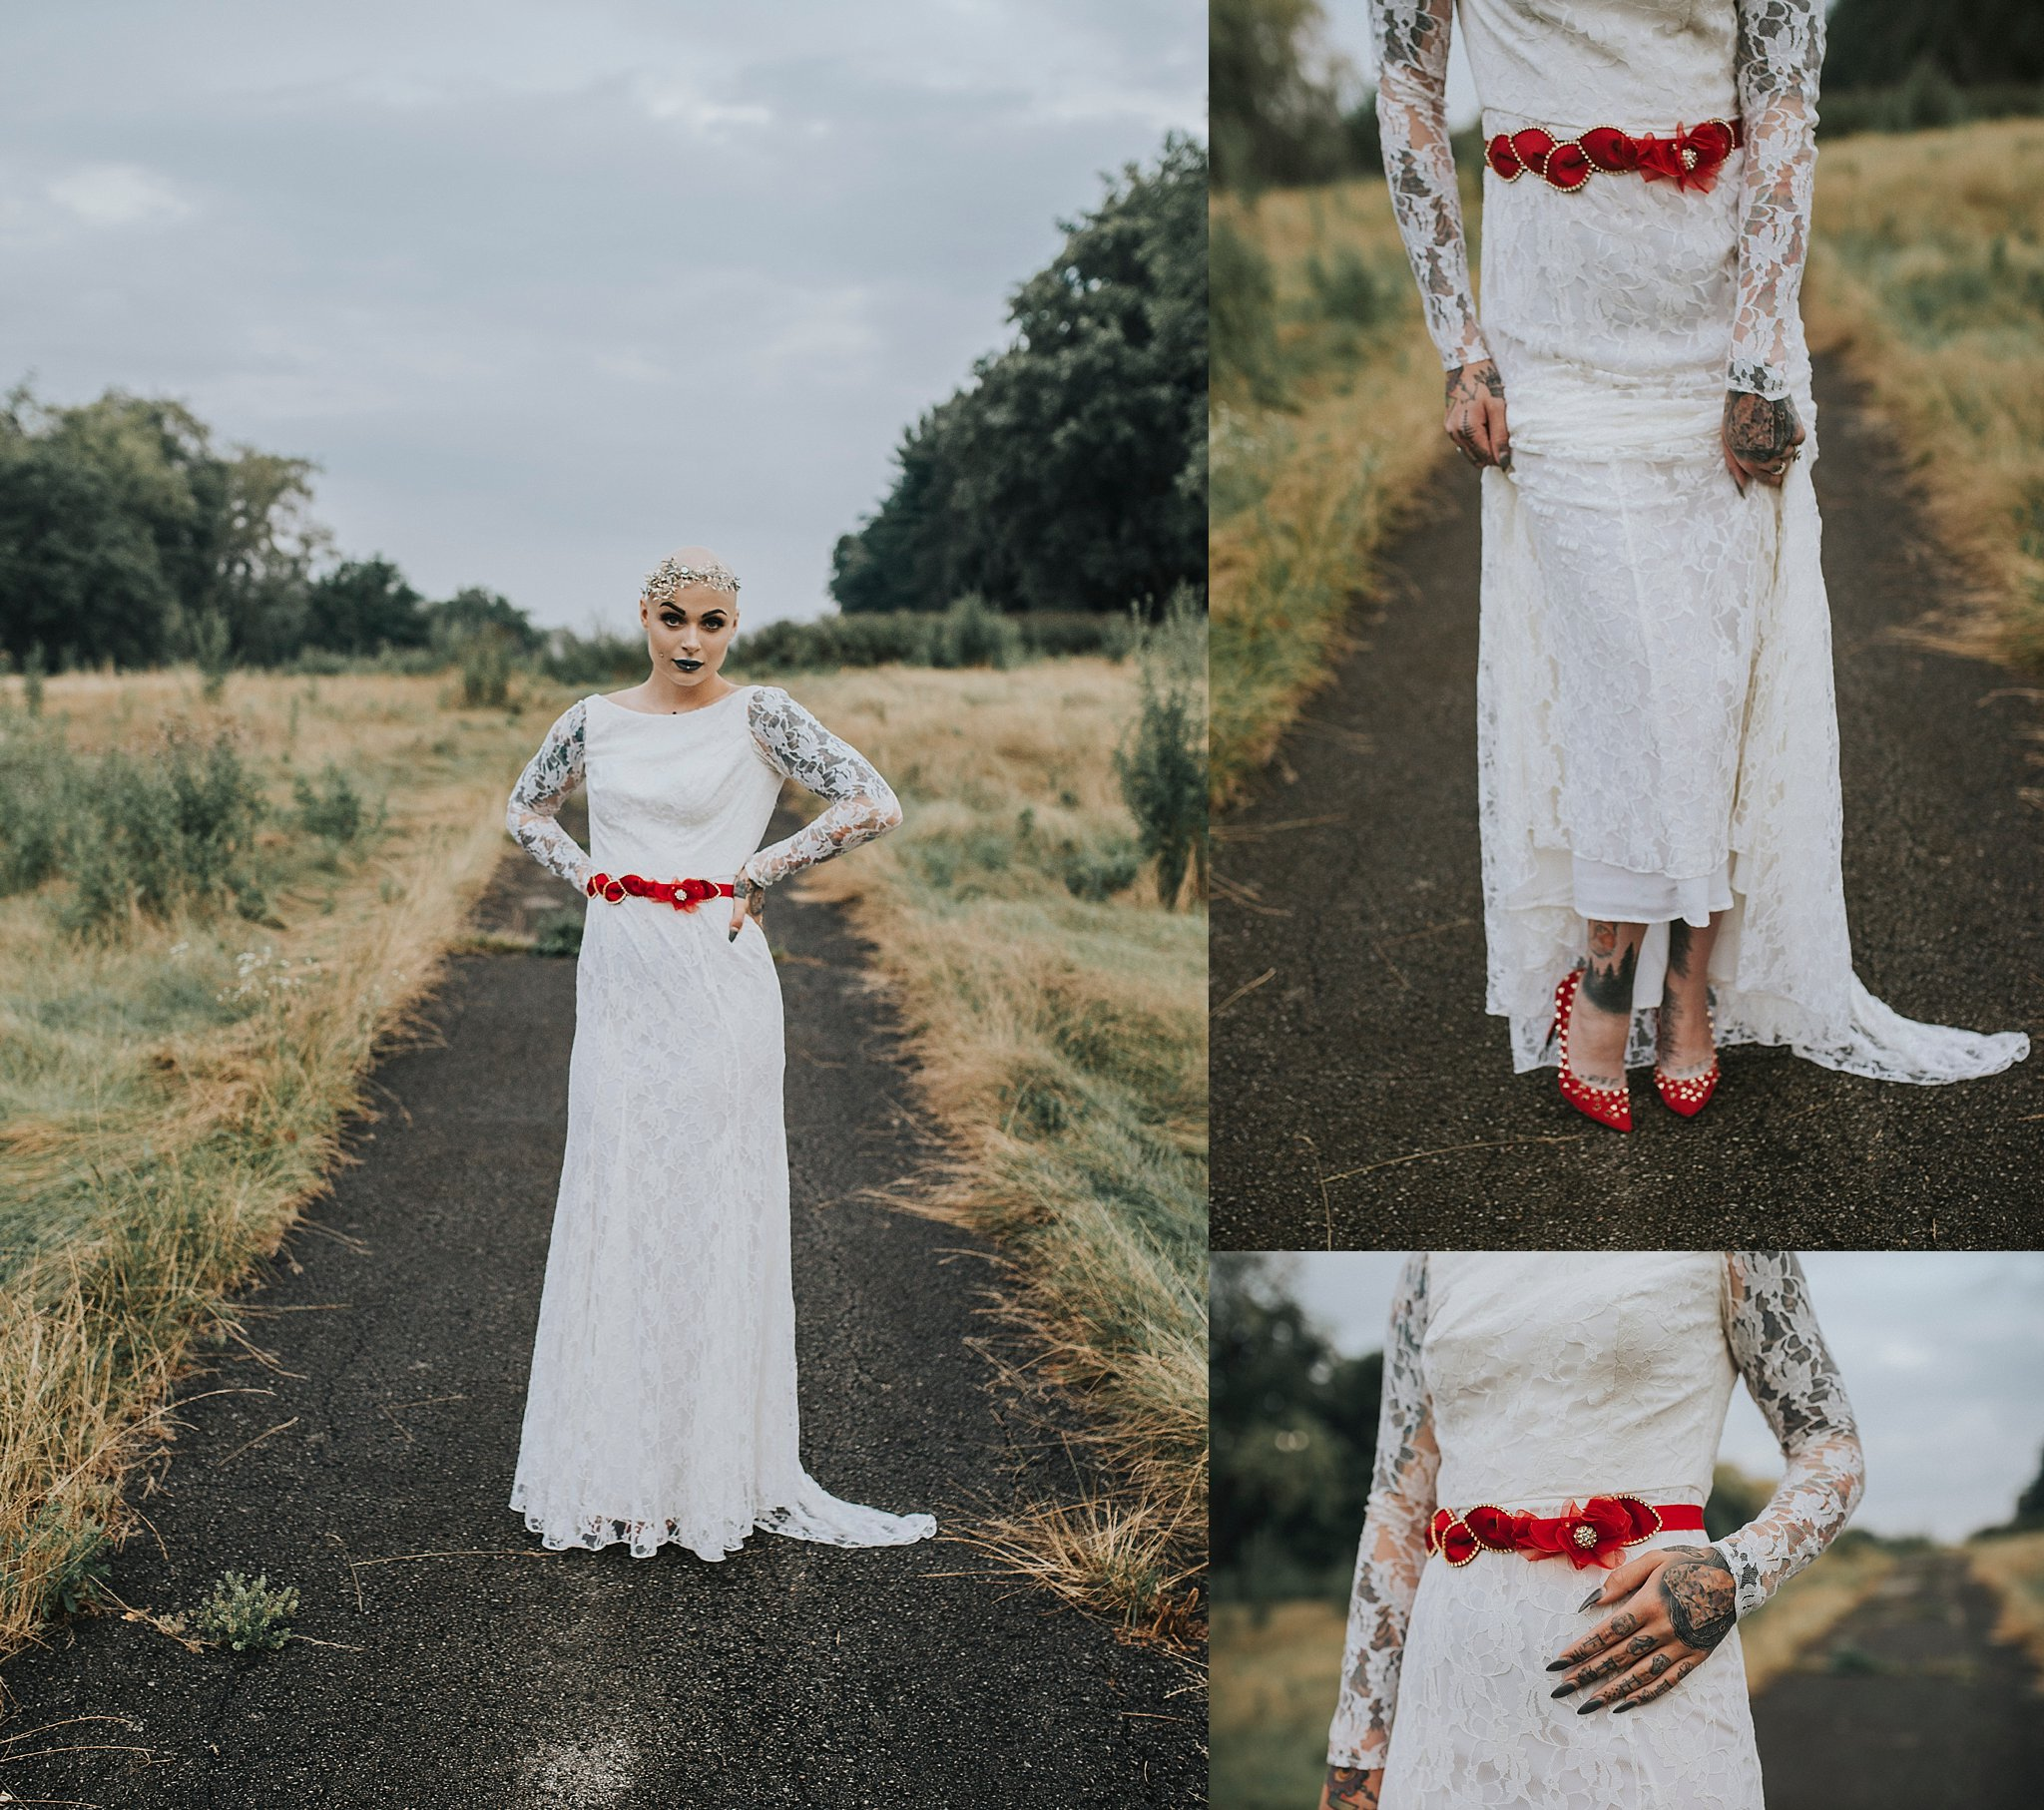 Bald bride by Sandrachile